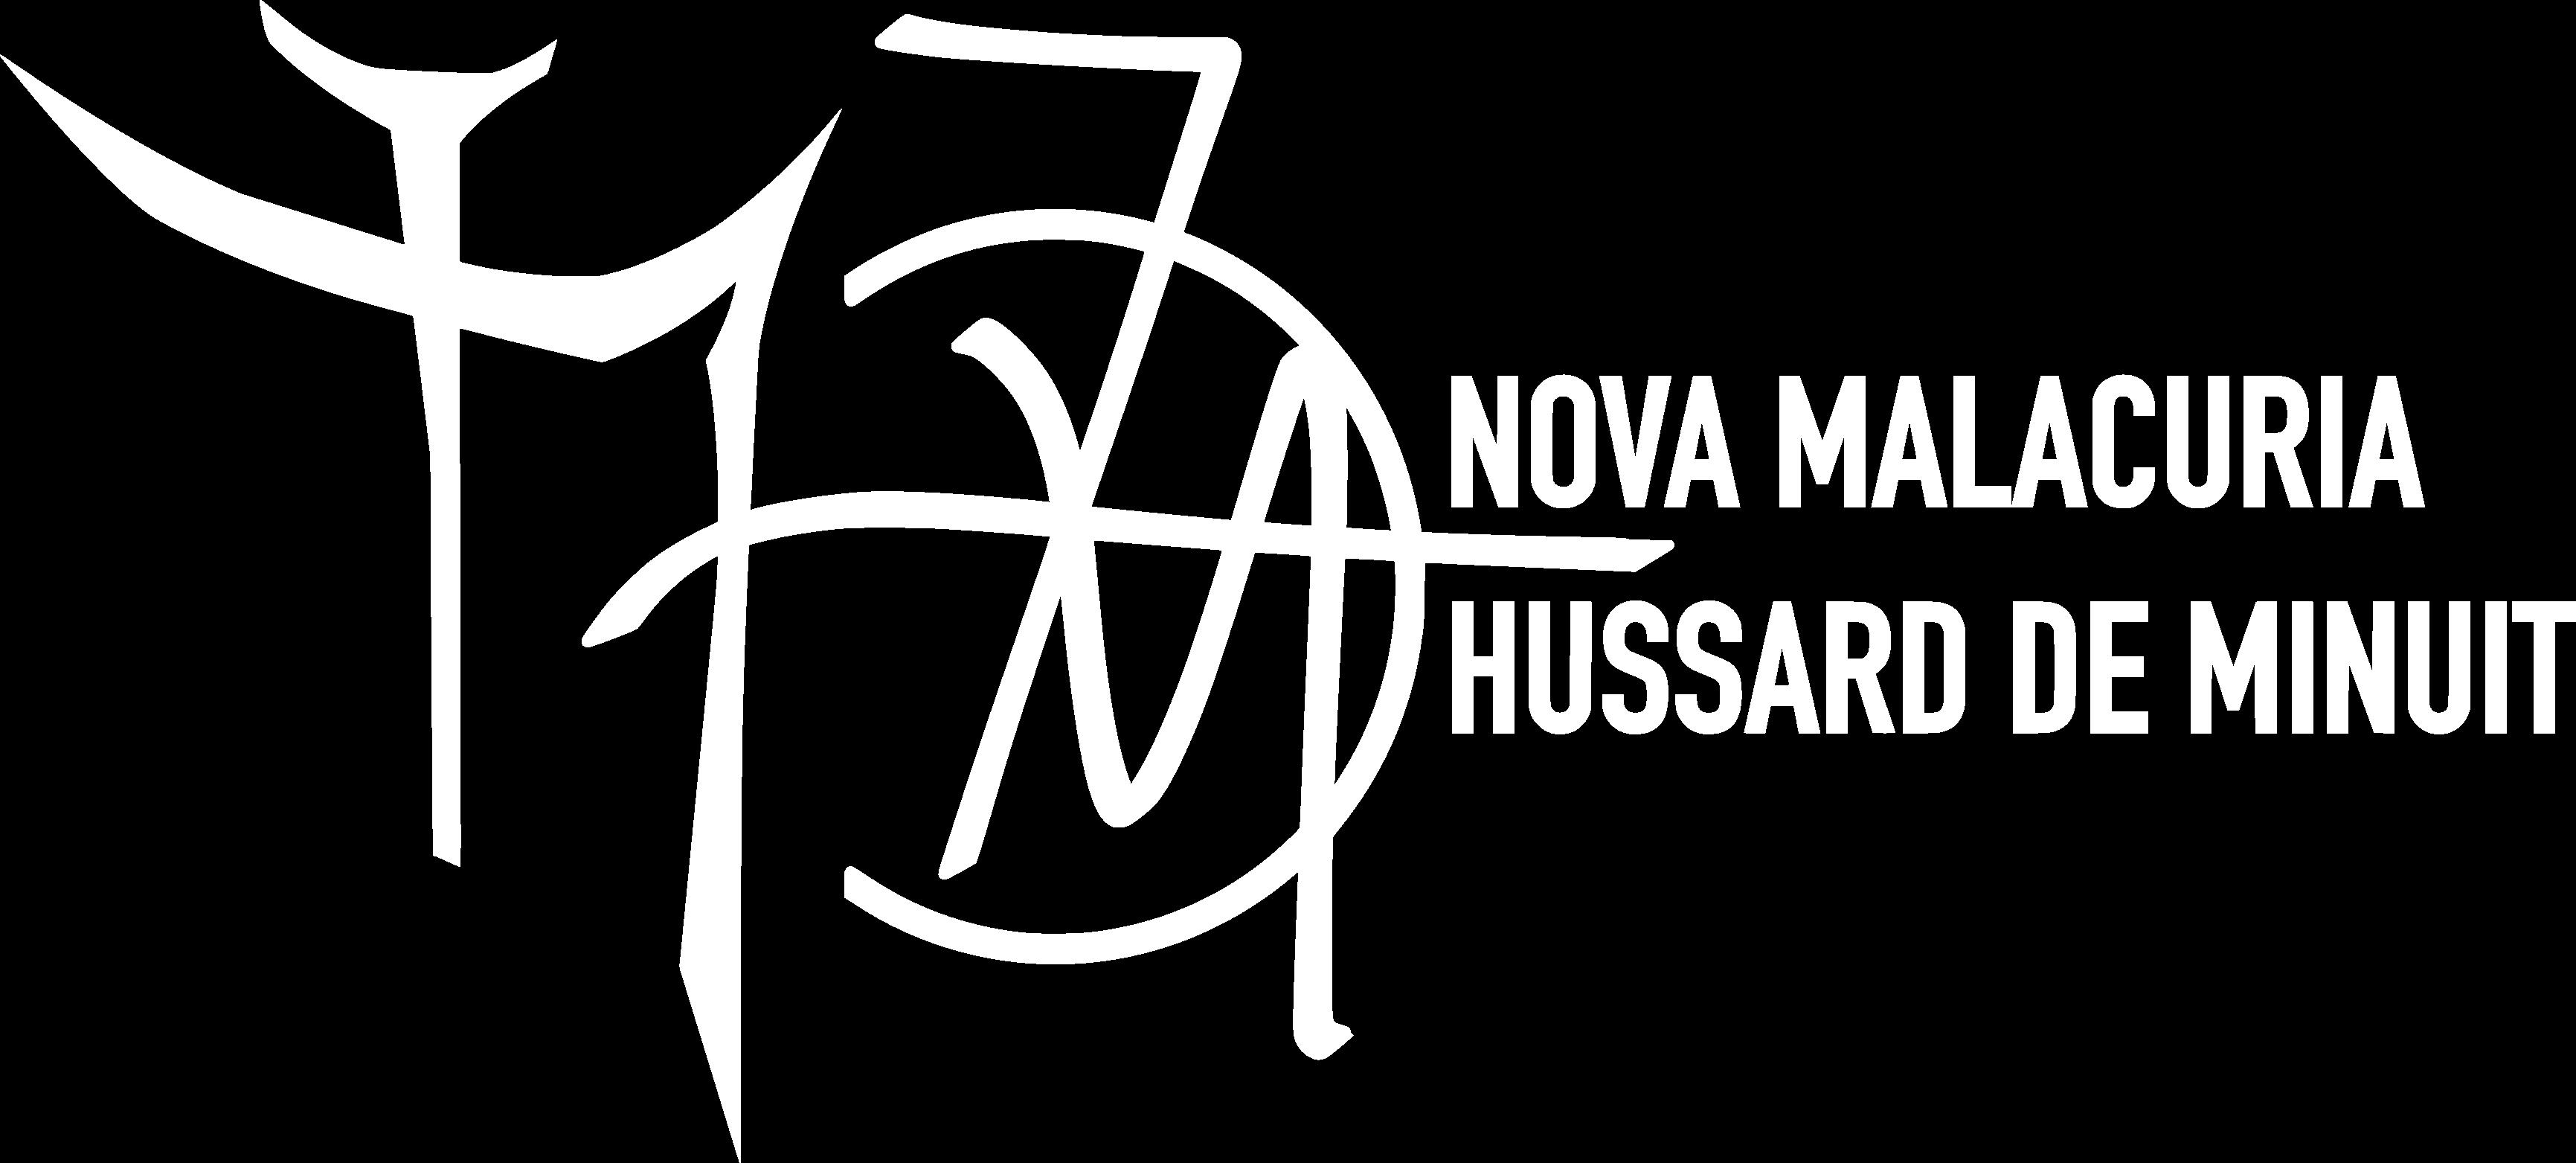 NOVA MALACURIA